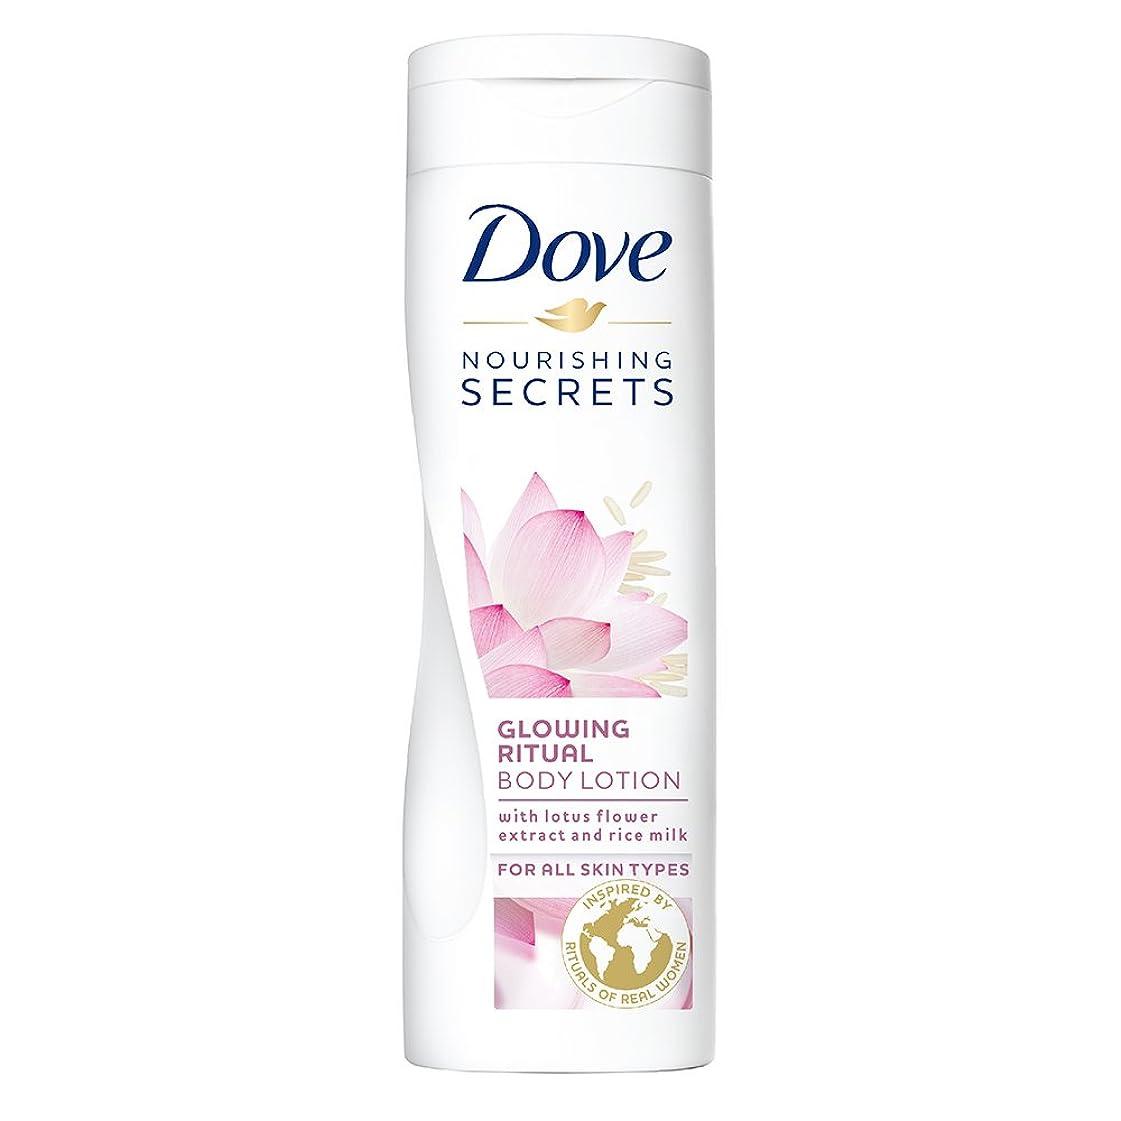 スーツ繊維領収書Dove Glowing Ritual Body Lotion, 250ml (Lotus flower and rice milk)